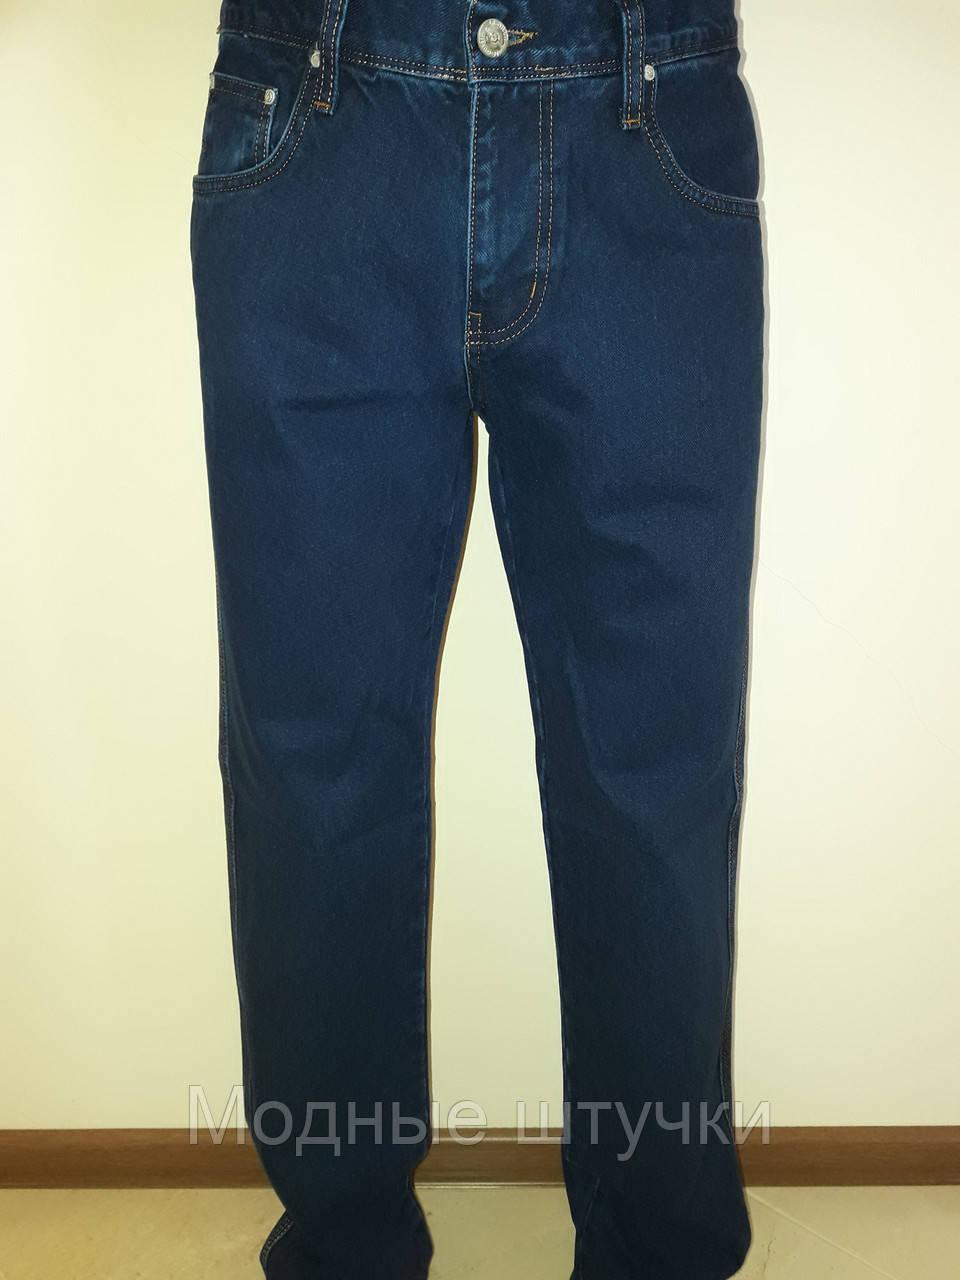 ea4771e1cc8 Мужские джинсы классика Le Gutti 2764 - Модные штучки в Николаеве